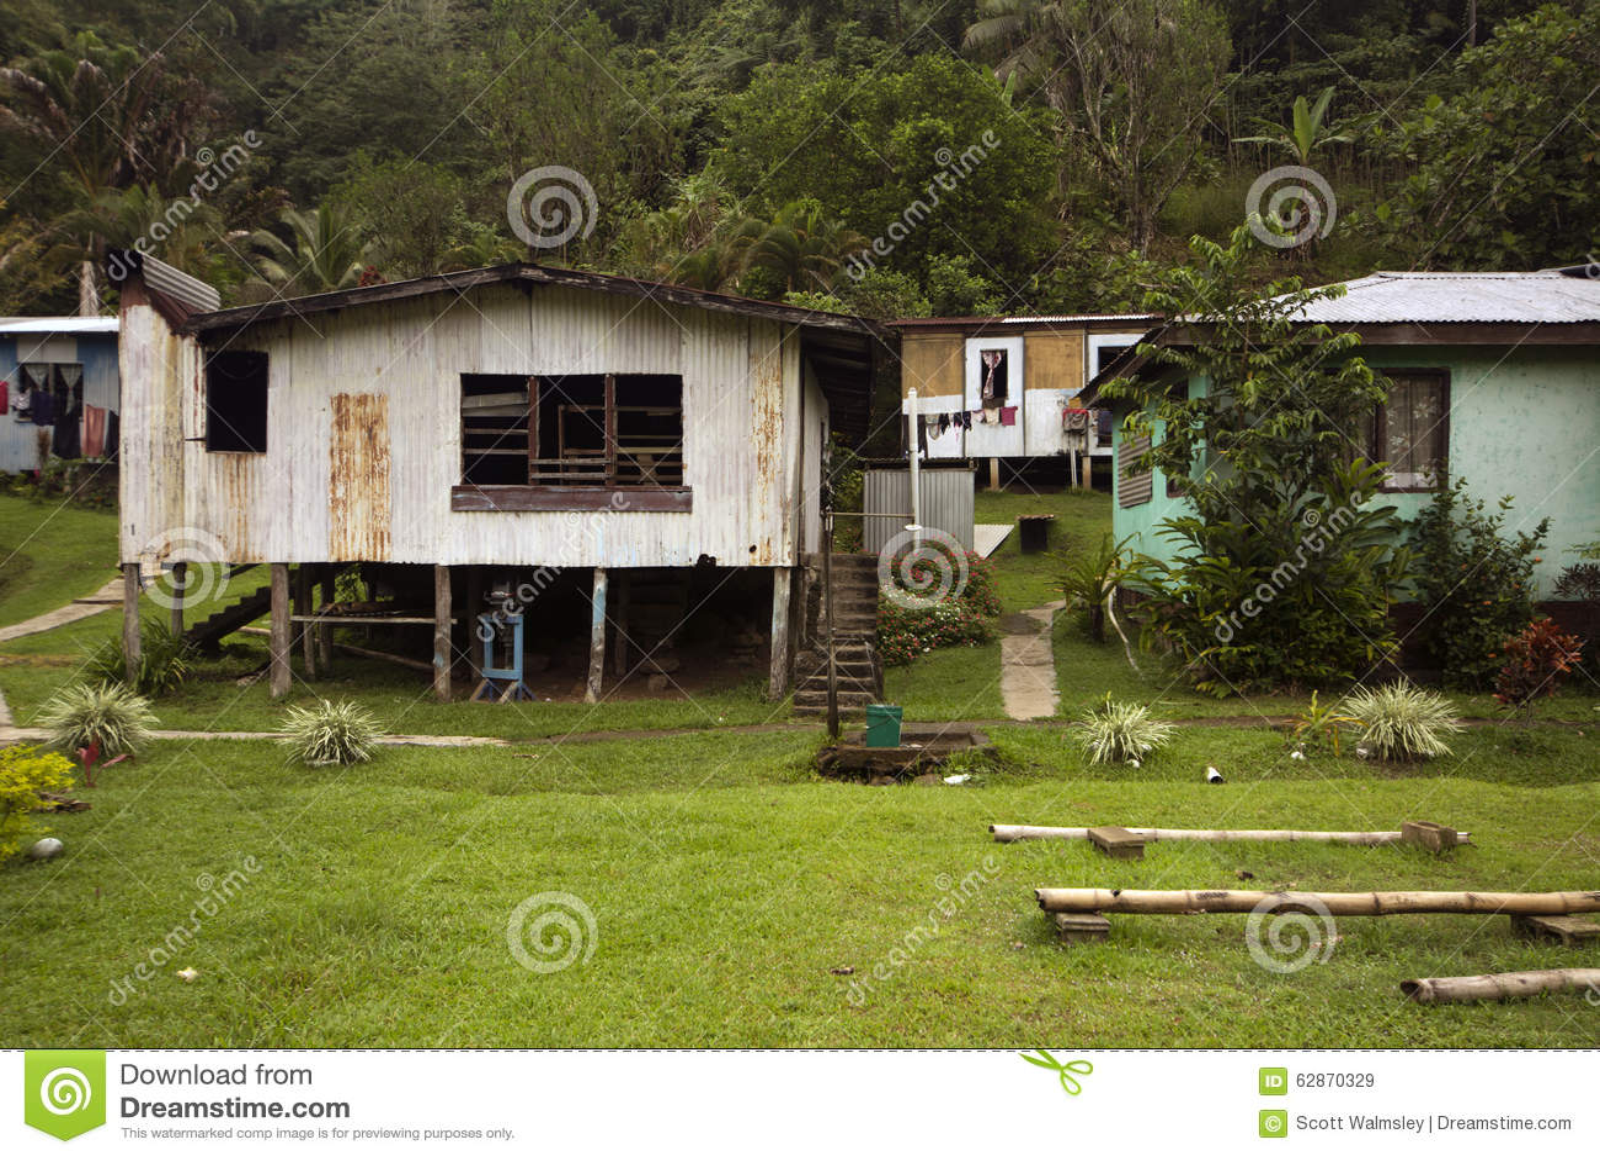 Amüsant Haus Auf Stelzen Beste Wahl Im Dorf, Fidschi